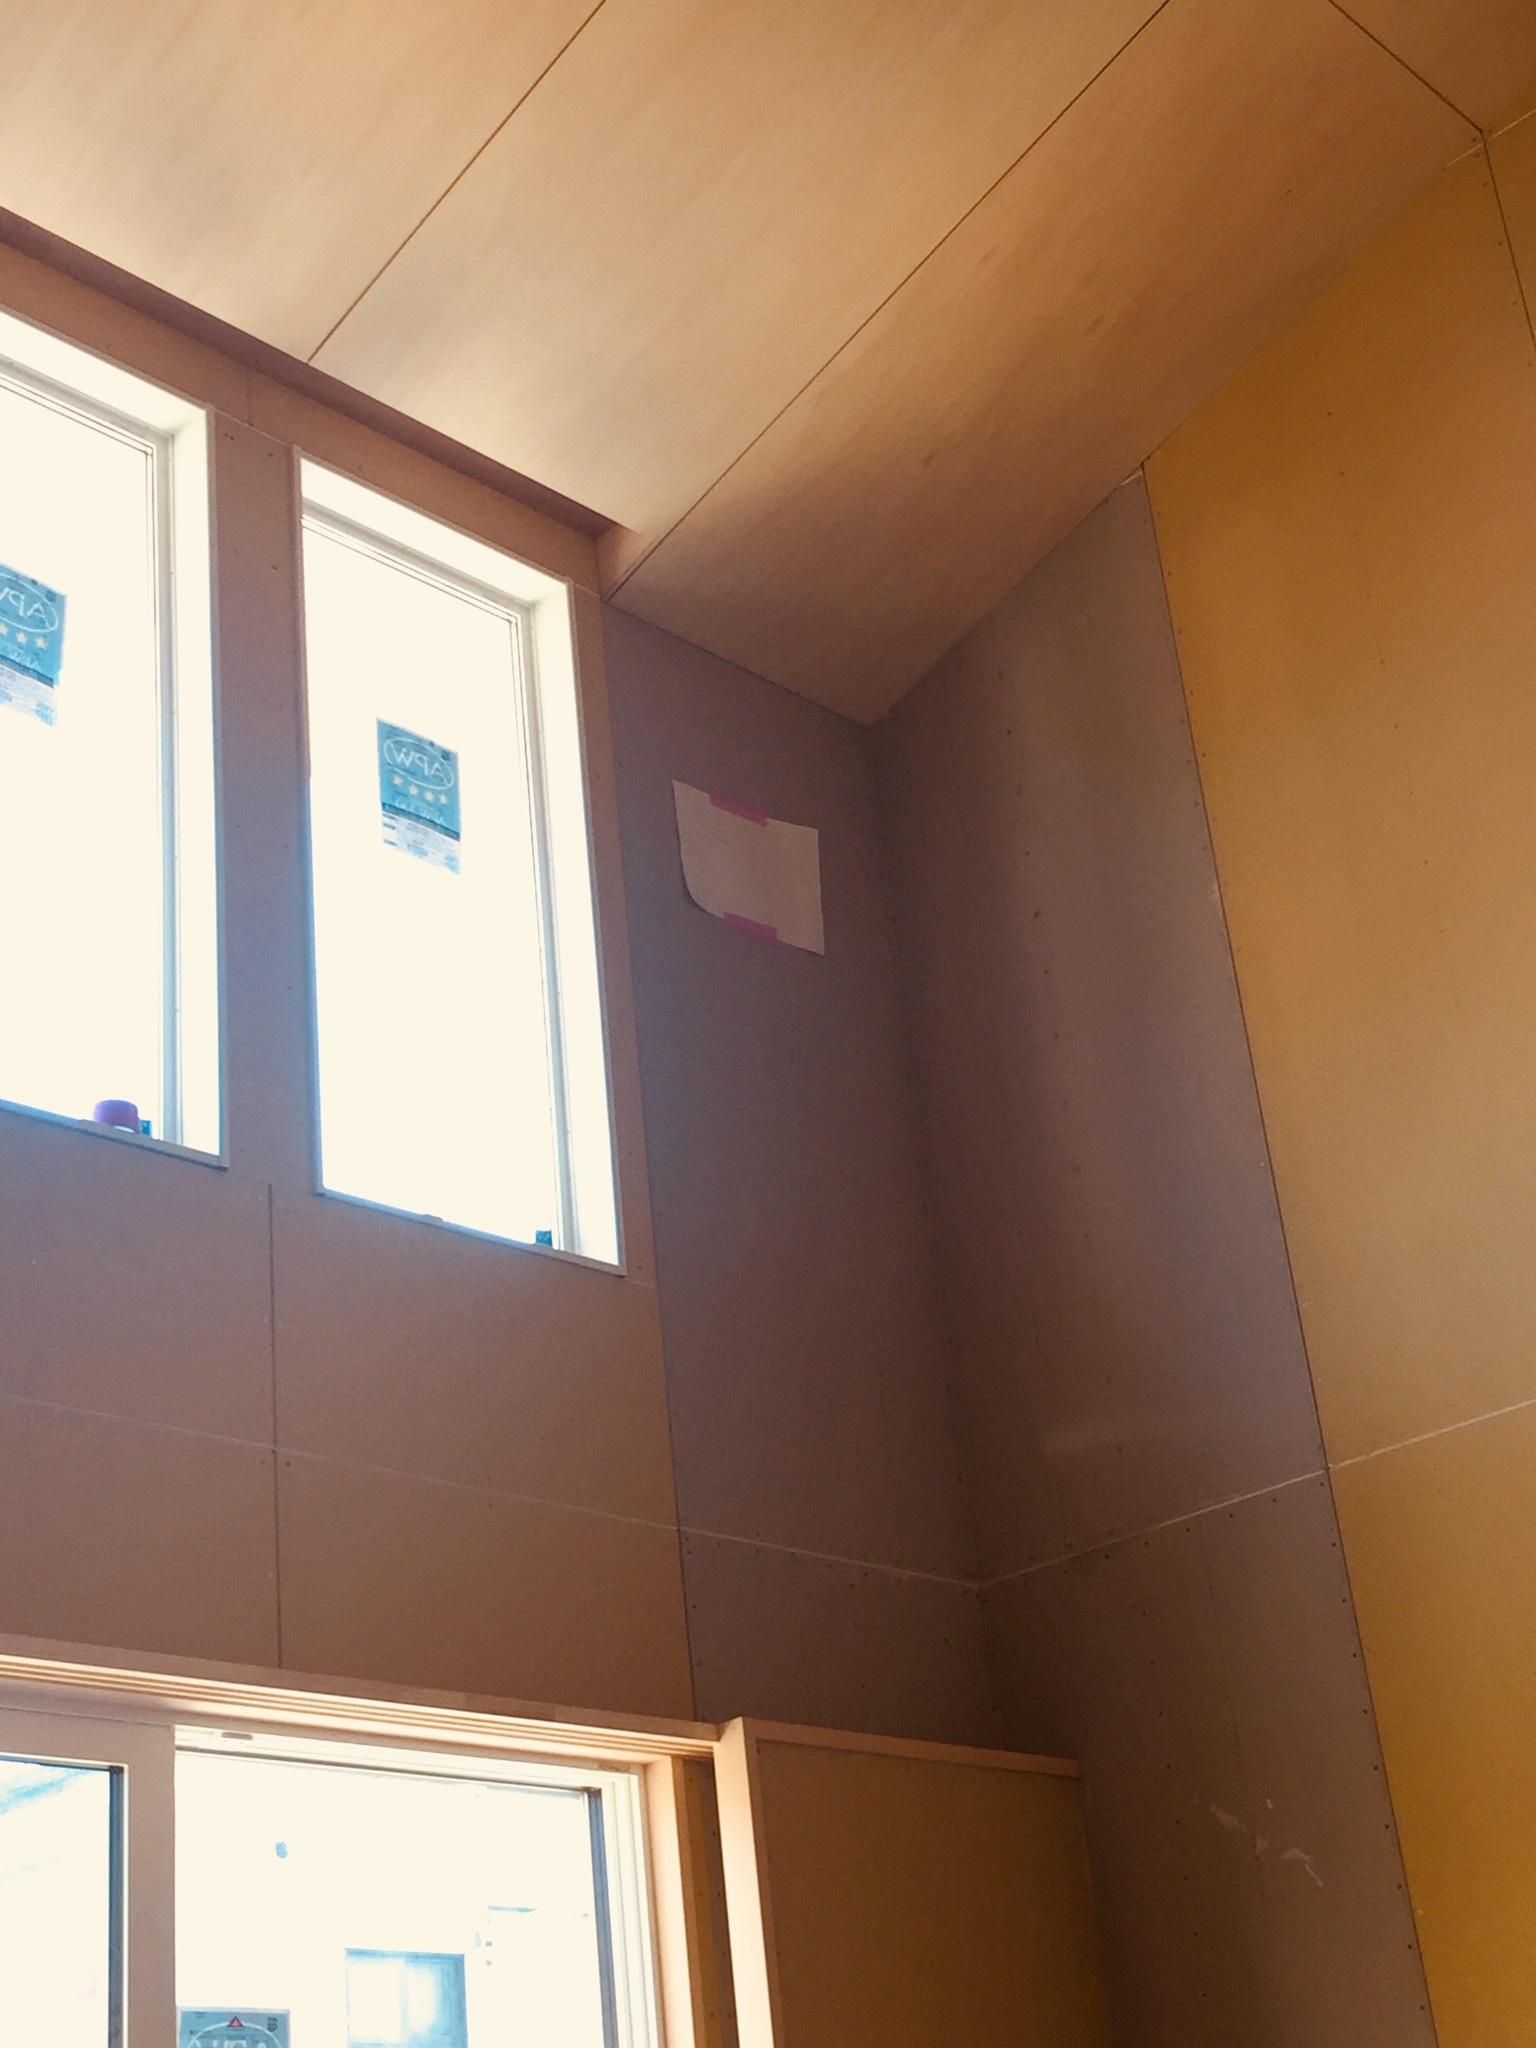 鴨志田のエコハウス_e0356016_19580788.jpeg